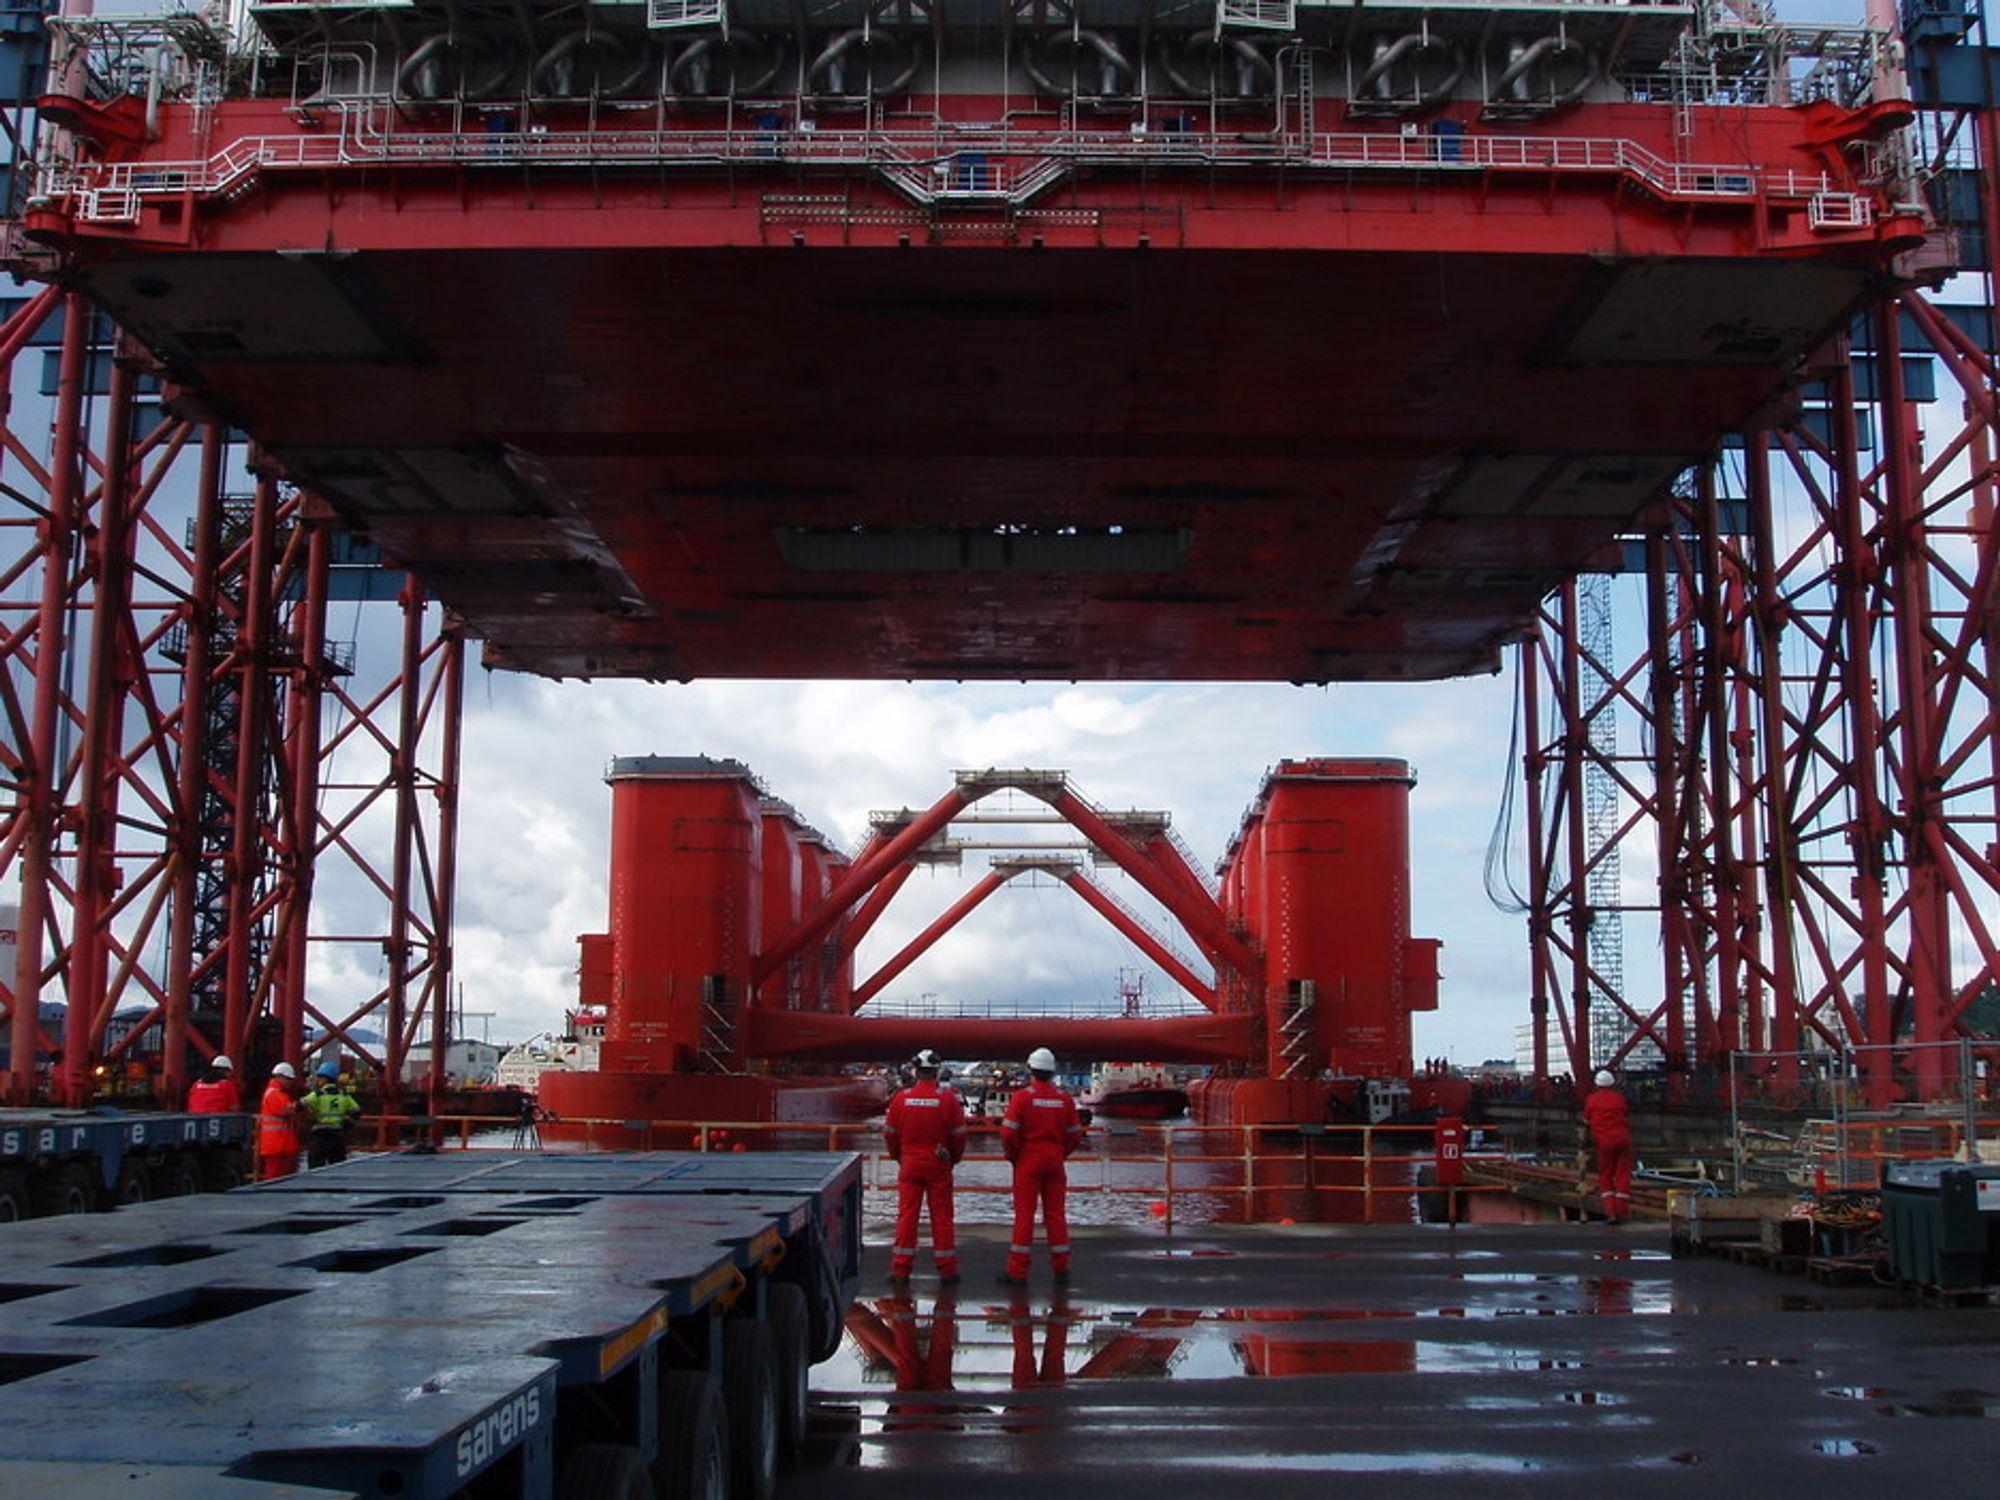 SAMMENKOBLING: Her er et bilde fra sammenkoblingen av dekk ogskrog. Dekket på ca. 11 000 tonn er løftet 34 meter til værs  og skroget til Aker Barents er på vei inn i dokken. FOTO: AKER SOLUTIONS